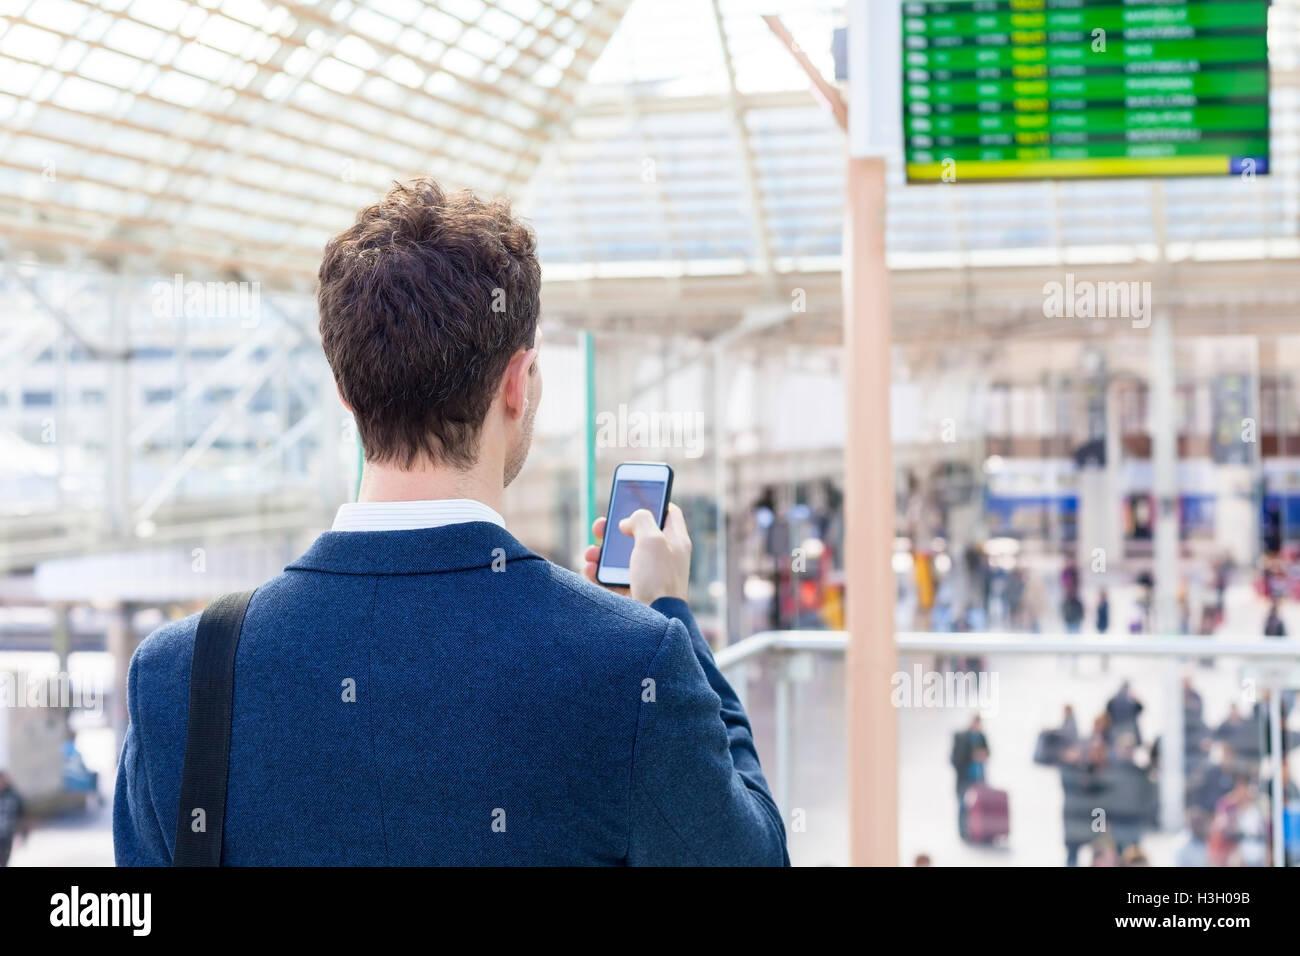 L'envoi de message texte voyageur sur smartphone avec l'horaire des trains en arrière-plan Photo Stock